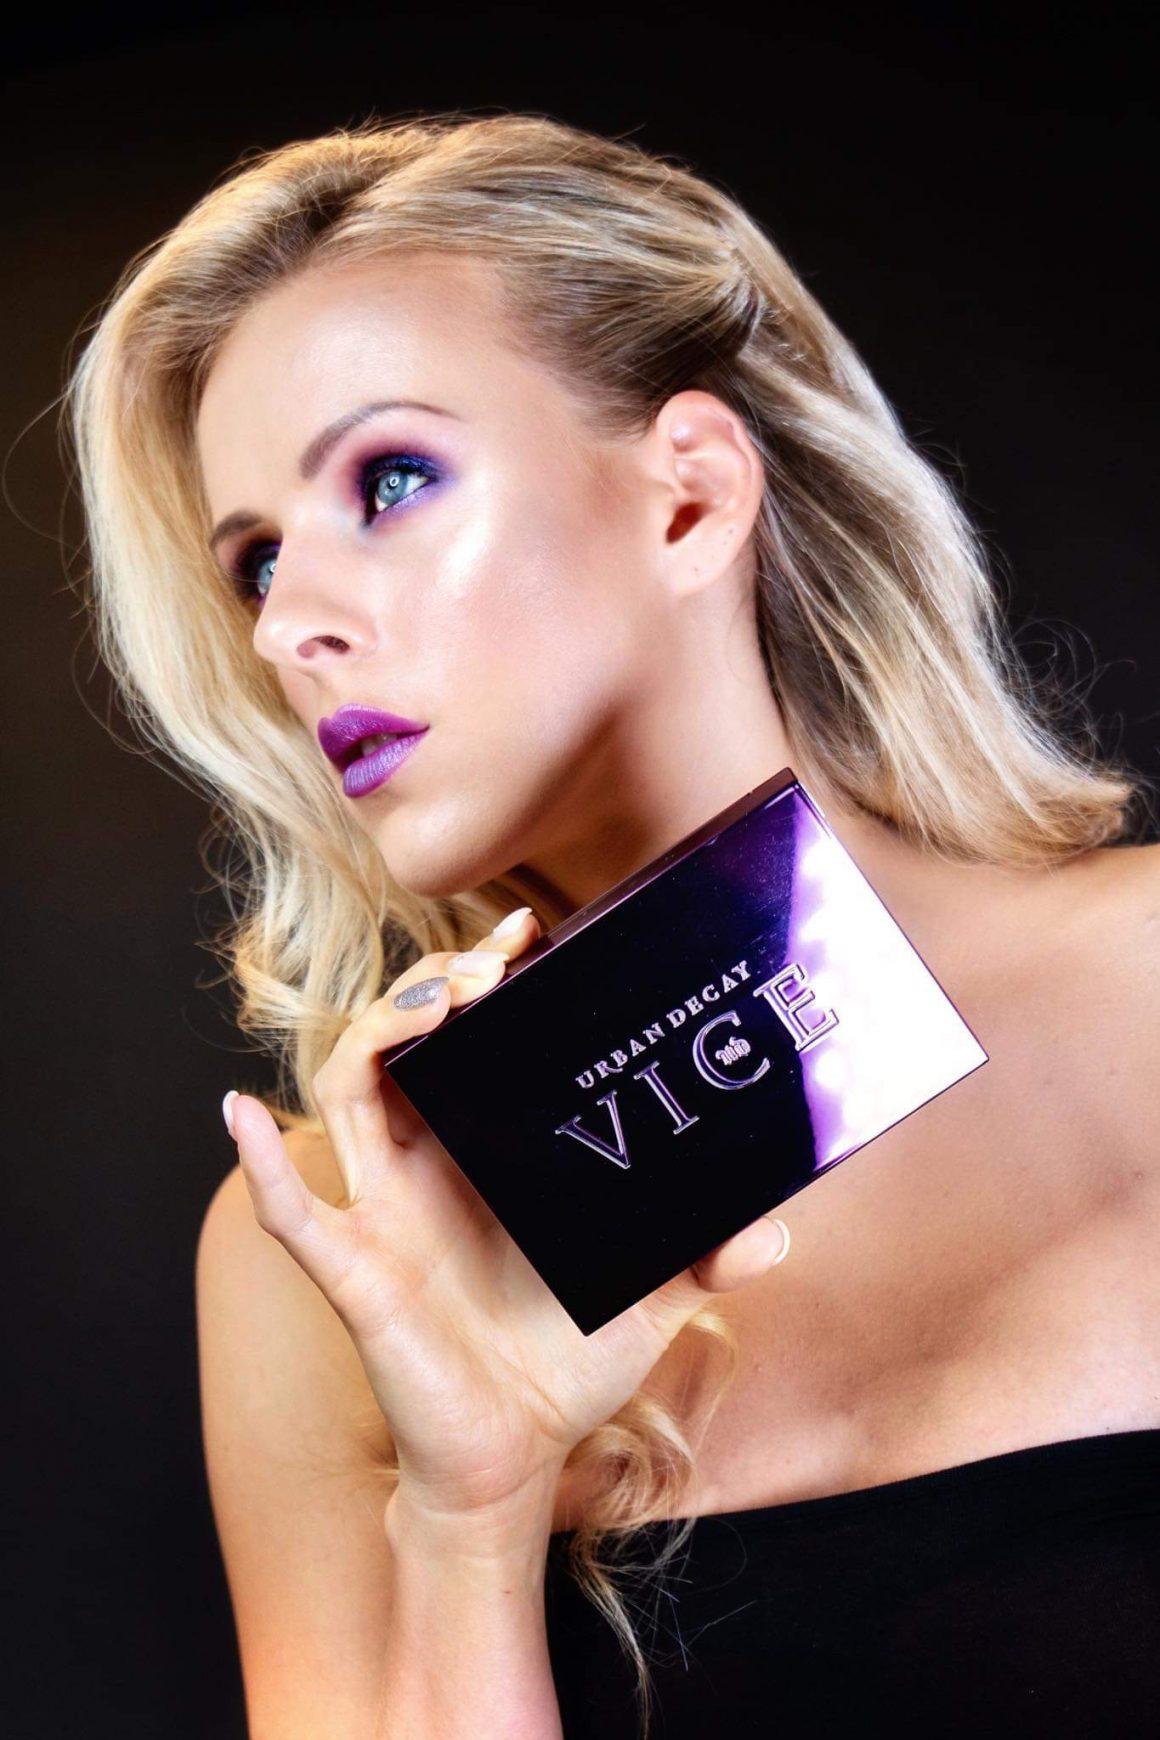 Foto make-up ieskaite